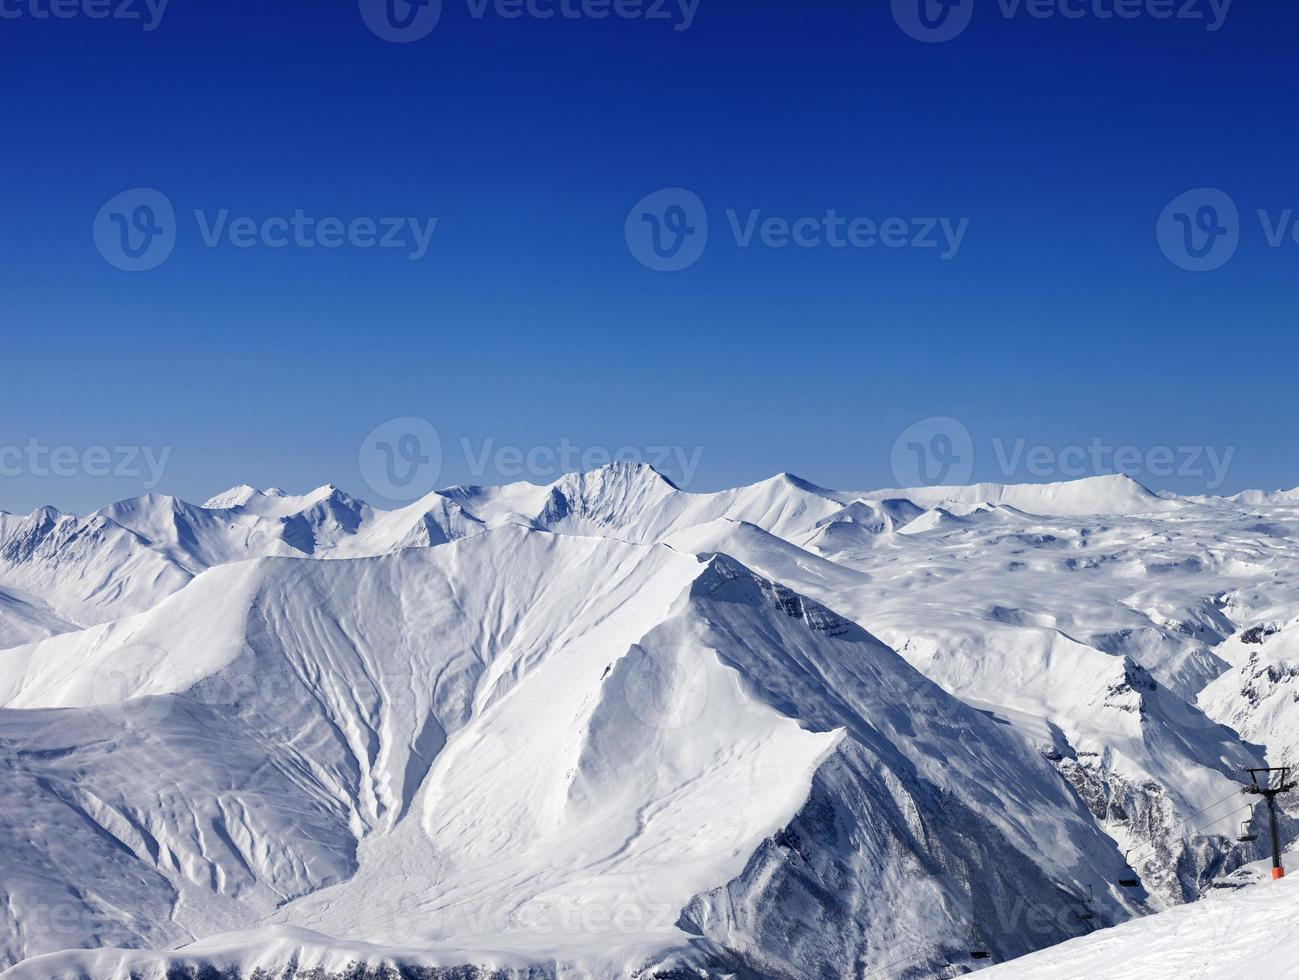 montanhas de inverno e céu azul claro em bom dia foto